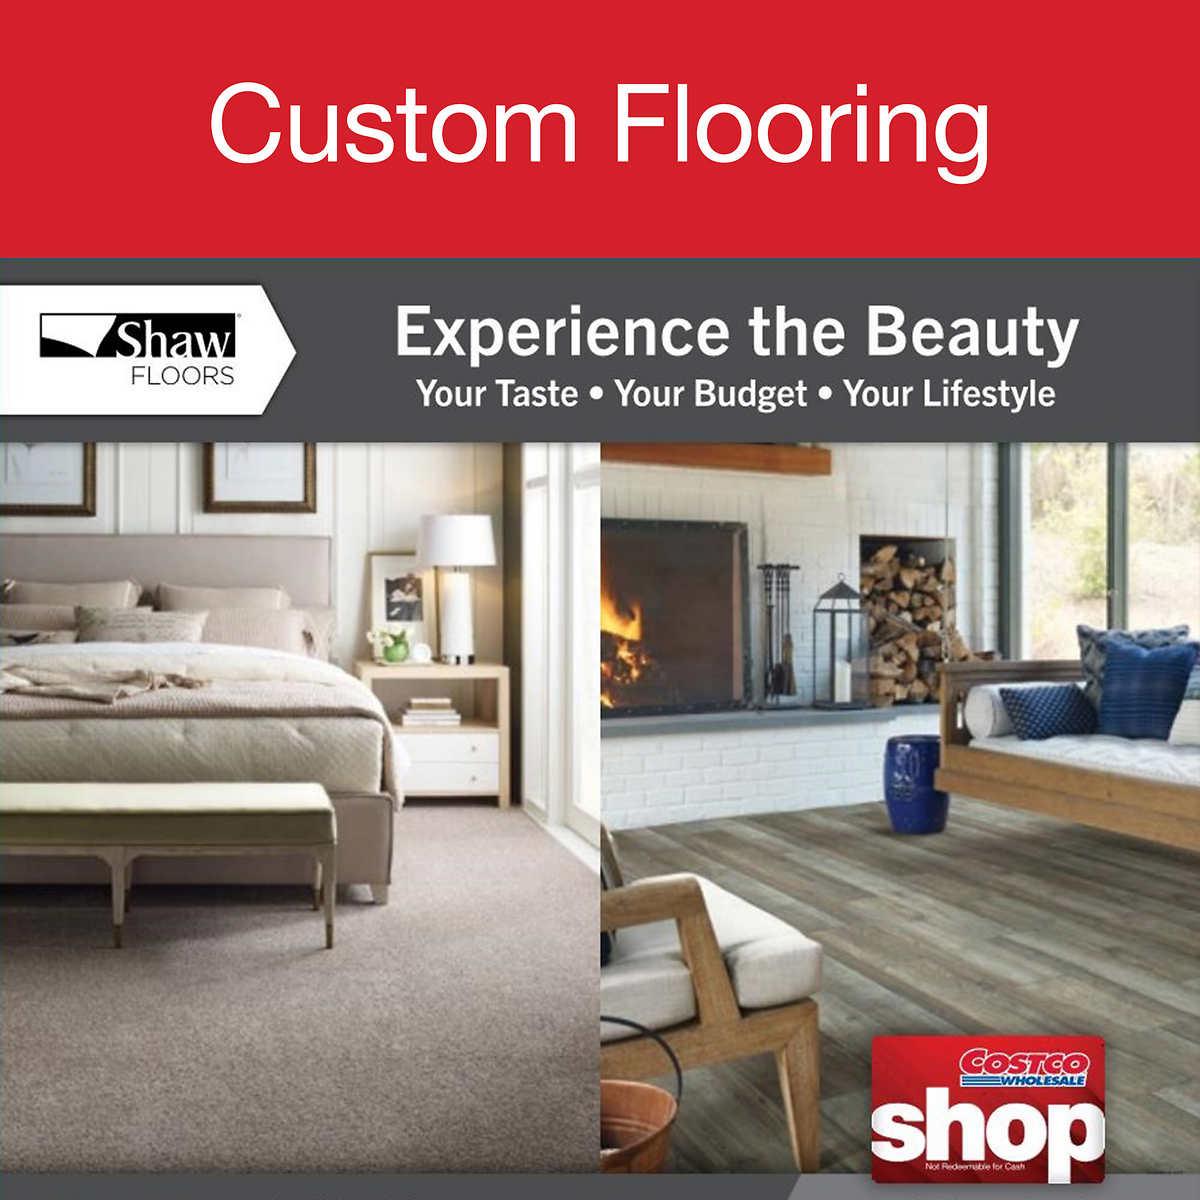 Shaw Carpet Hardwood Laminate Flooring